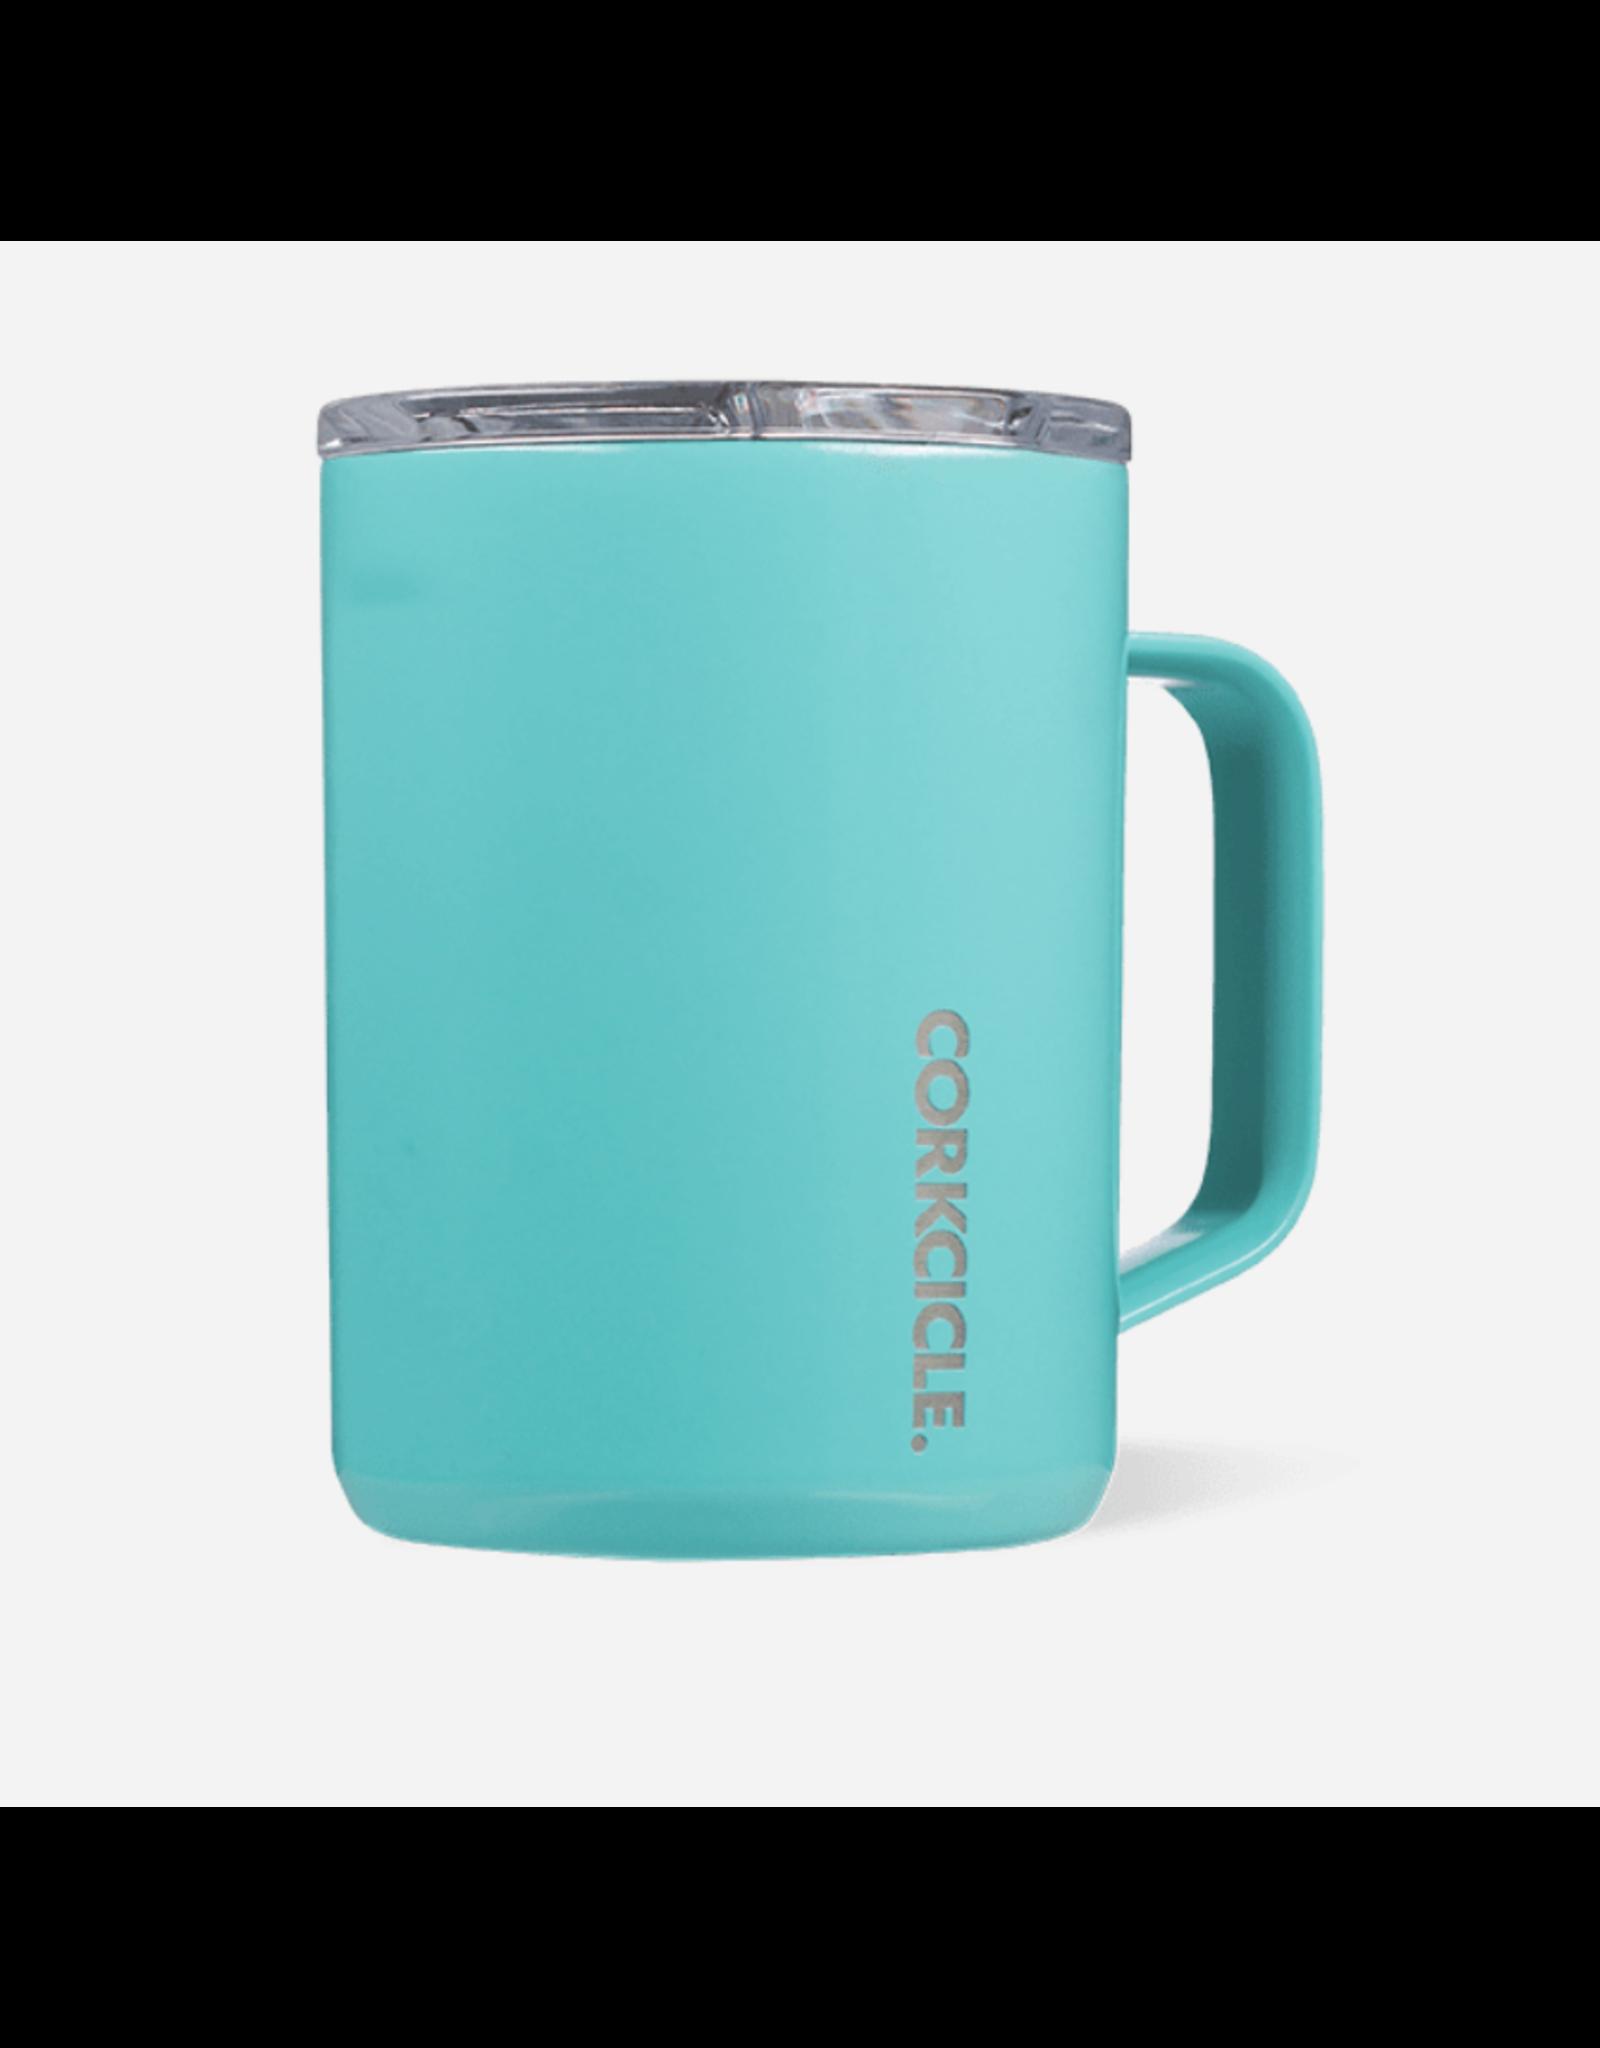 Corkcicle Corkcicle Coffee Mug